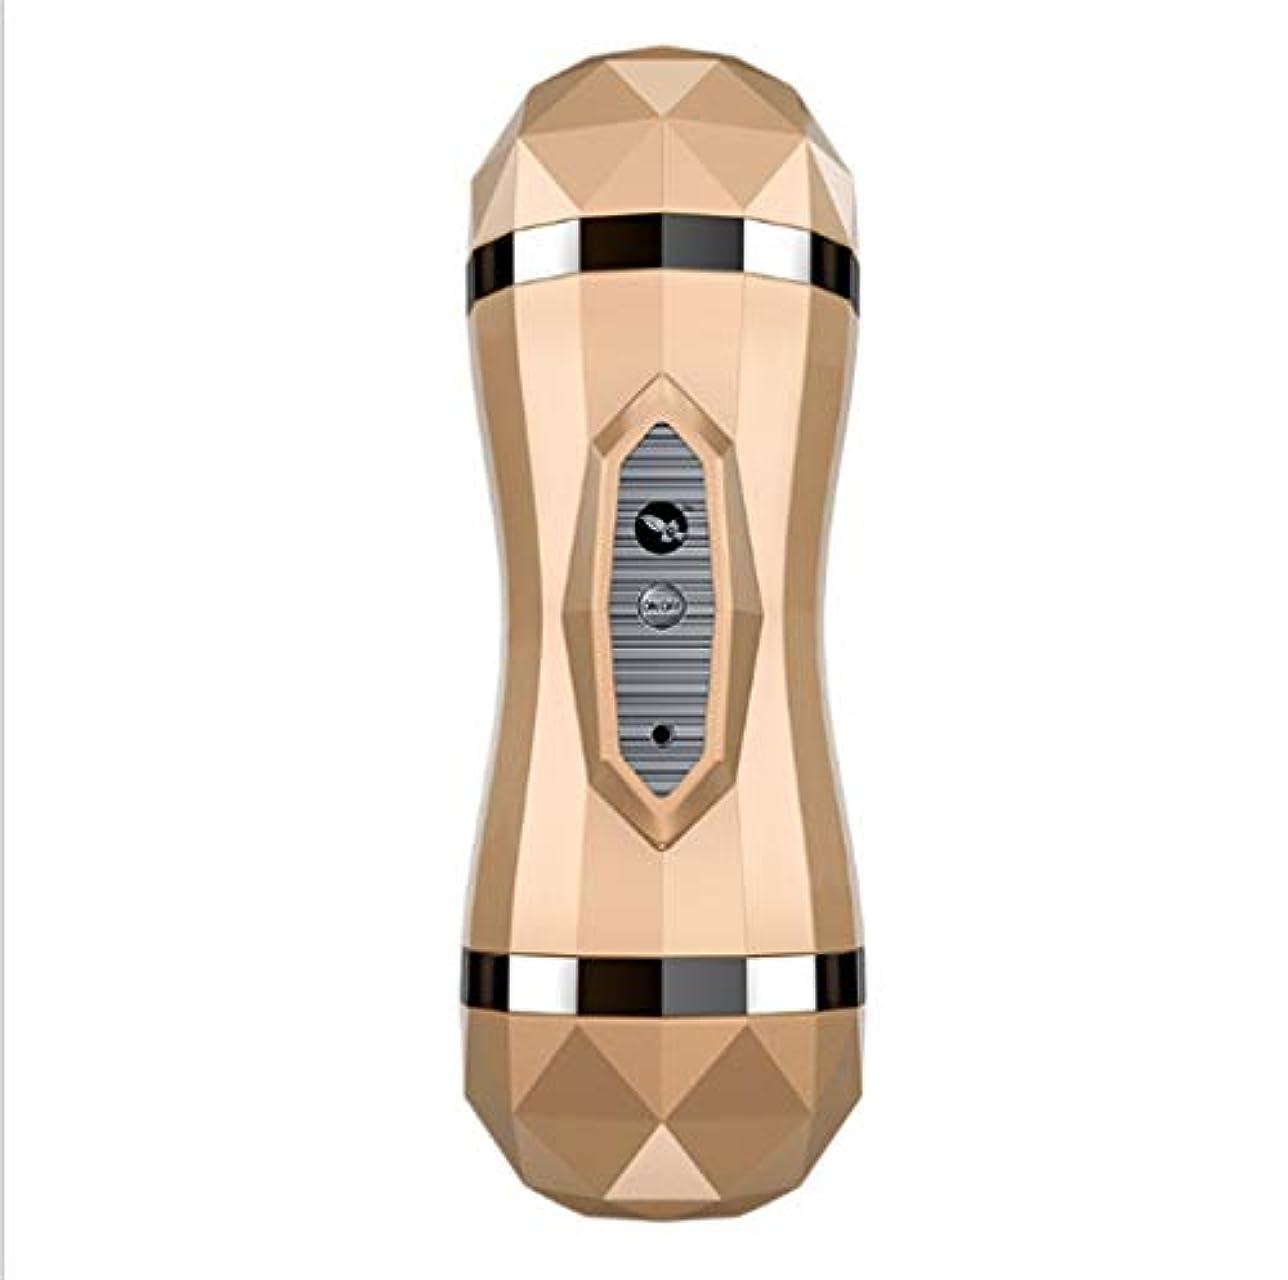 靴伝えるさようならRisareyi 3D Realistic AutomaticPõckët-Püssýs、AutoSúckingMǎssager、マルチ周波数、Air-Craft Cupオーラルトイ、Tシャツ 大人のおもちゃ